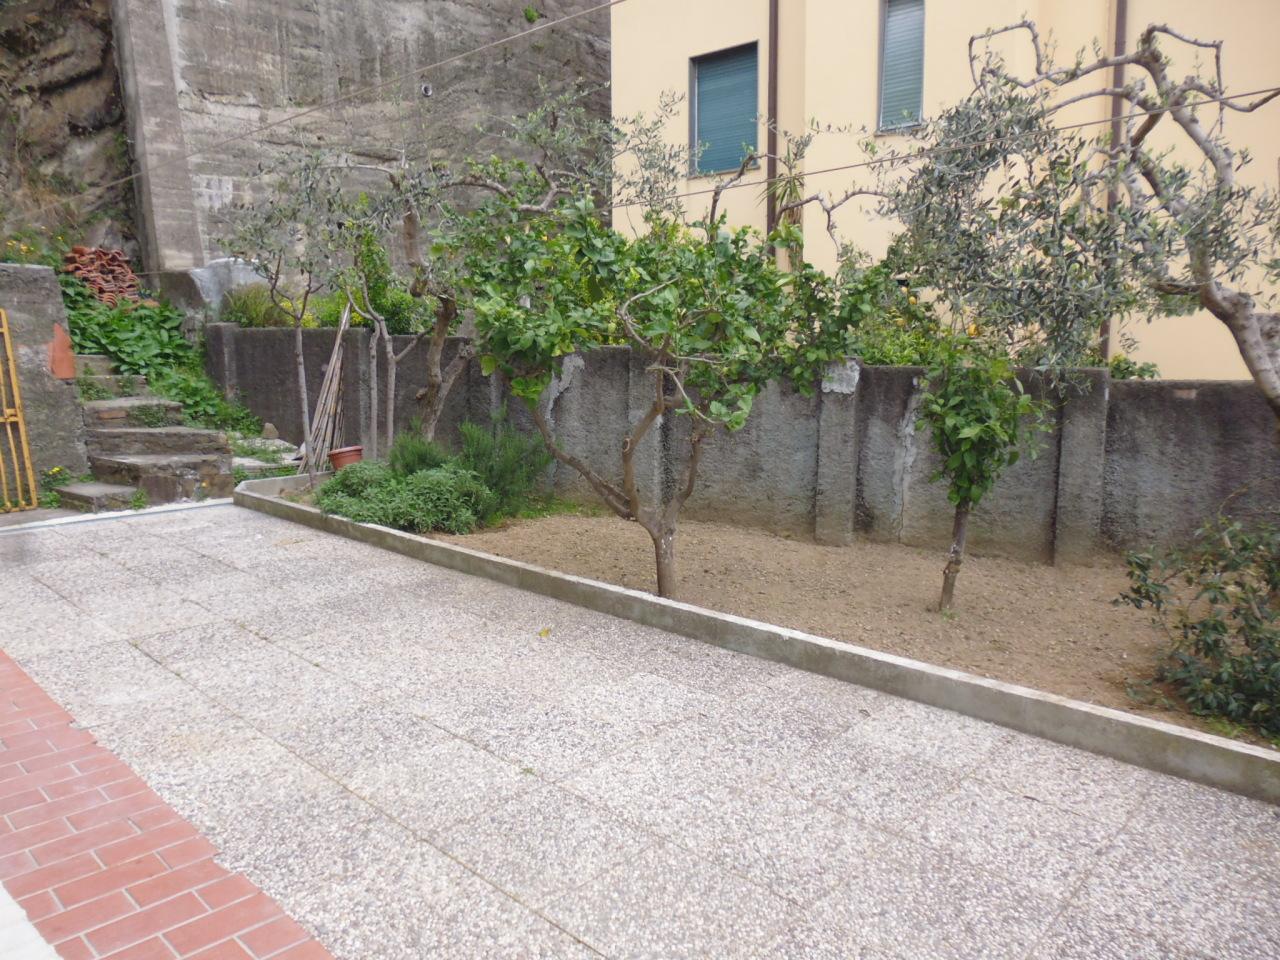 Soluzione Semindipendente in affitto a Casarza Ligure, 3 locali, prezzo € 450 | Cambio Casa.it